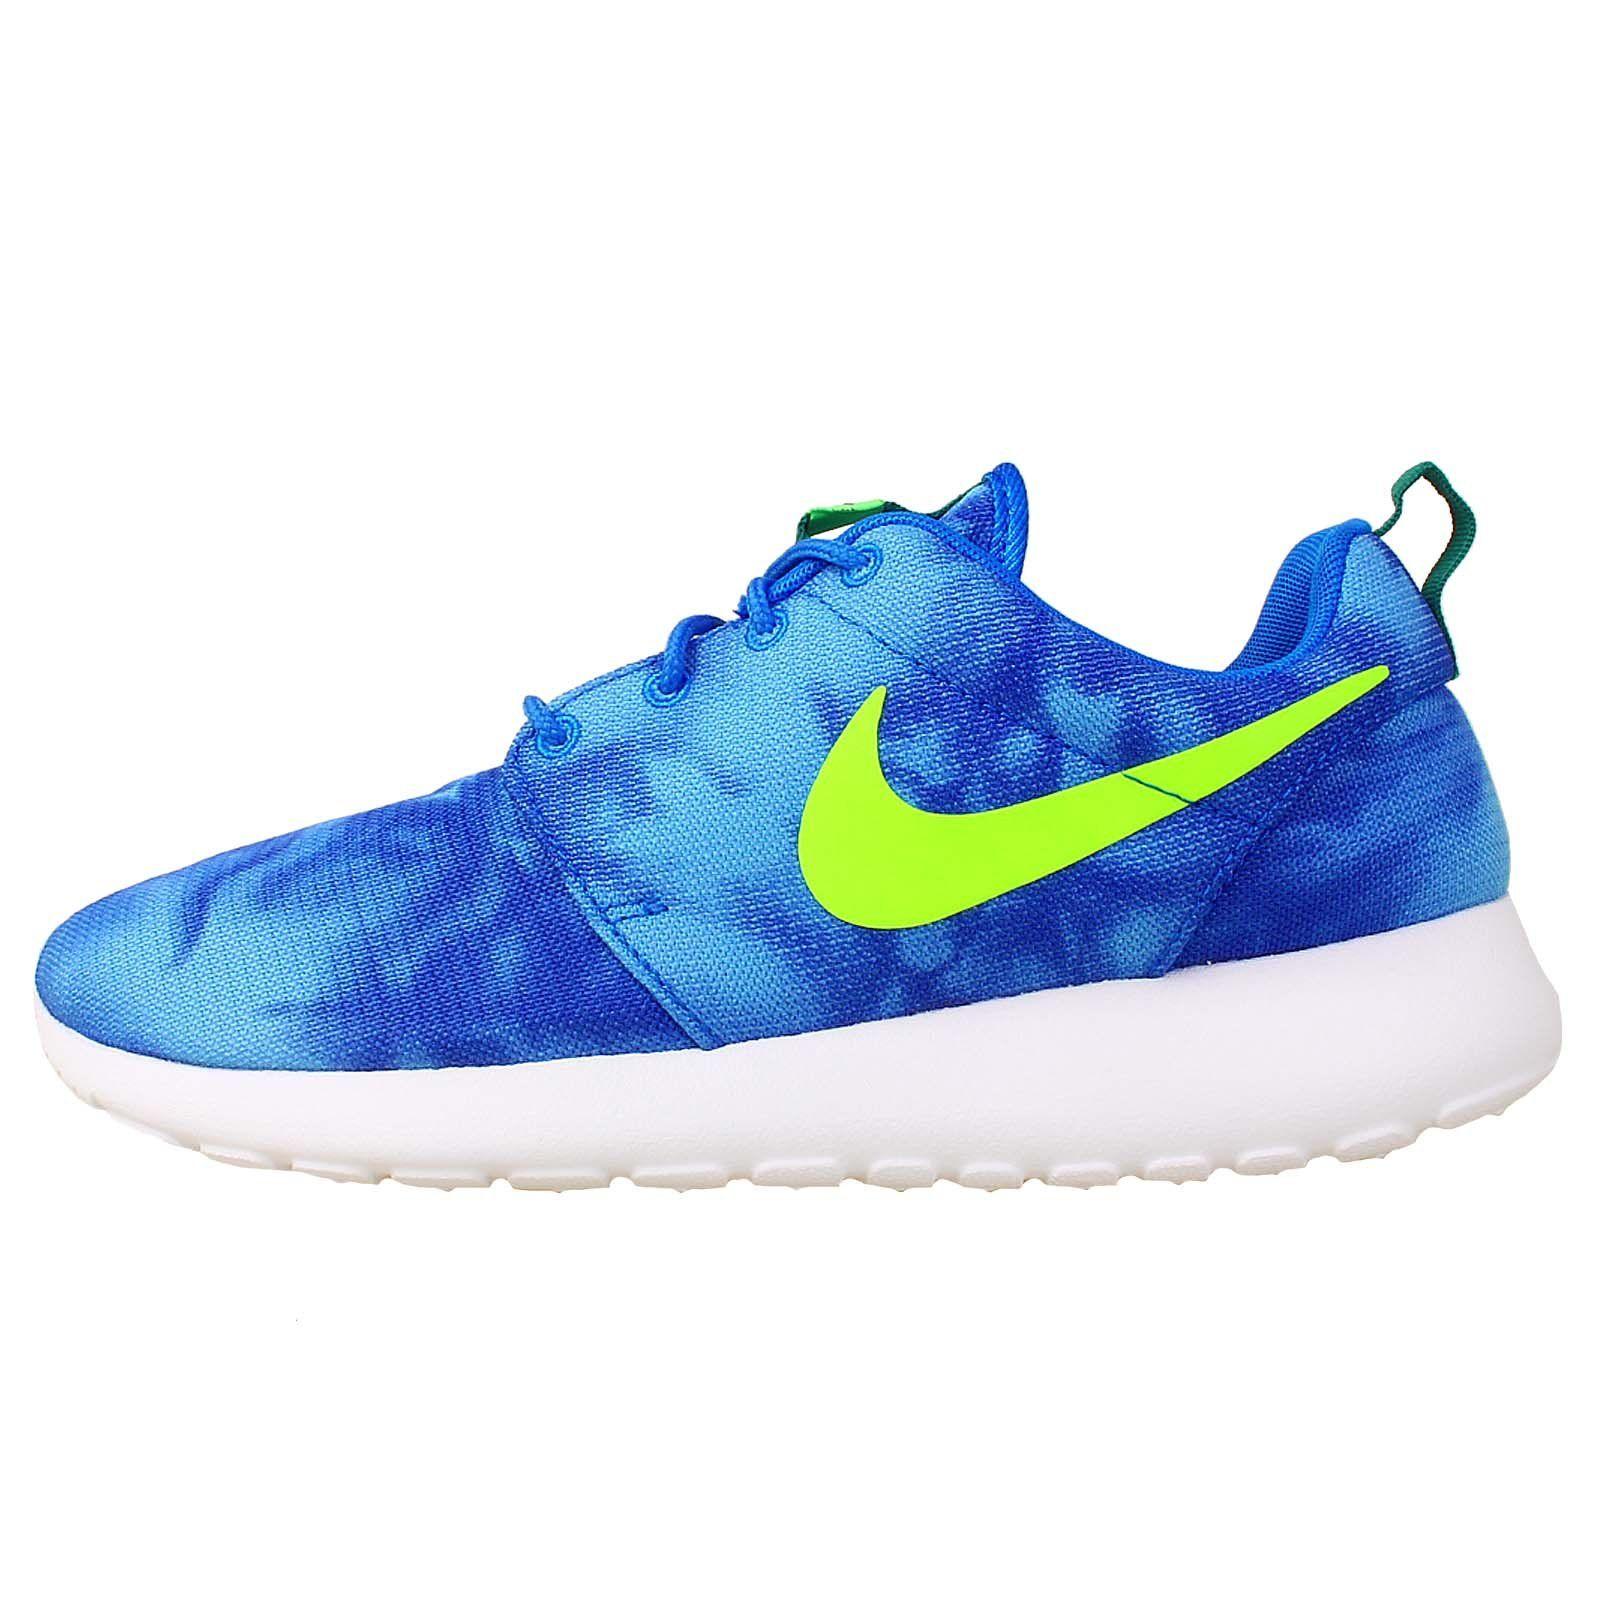 1808b956104a Nike Roshe Run Print - Photo Blue   Electric Green-Mystic Green